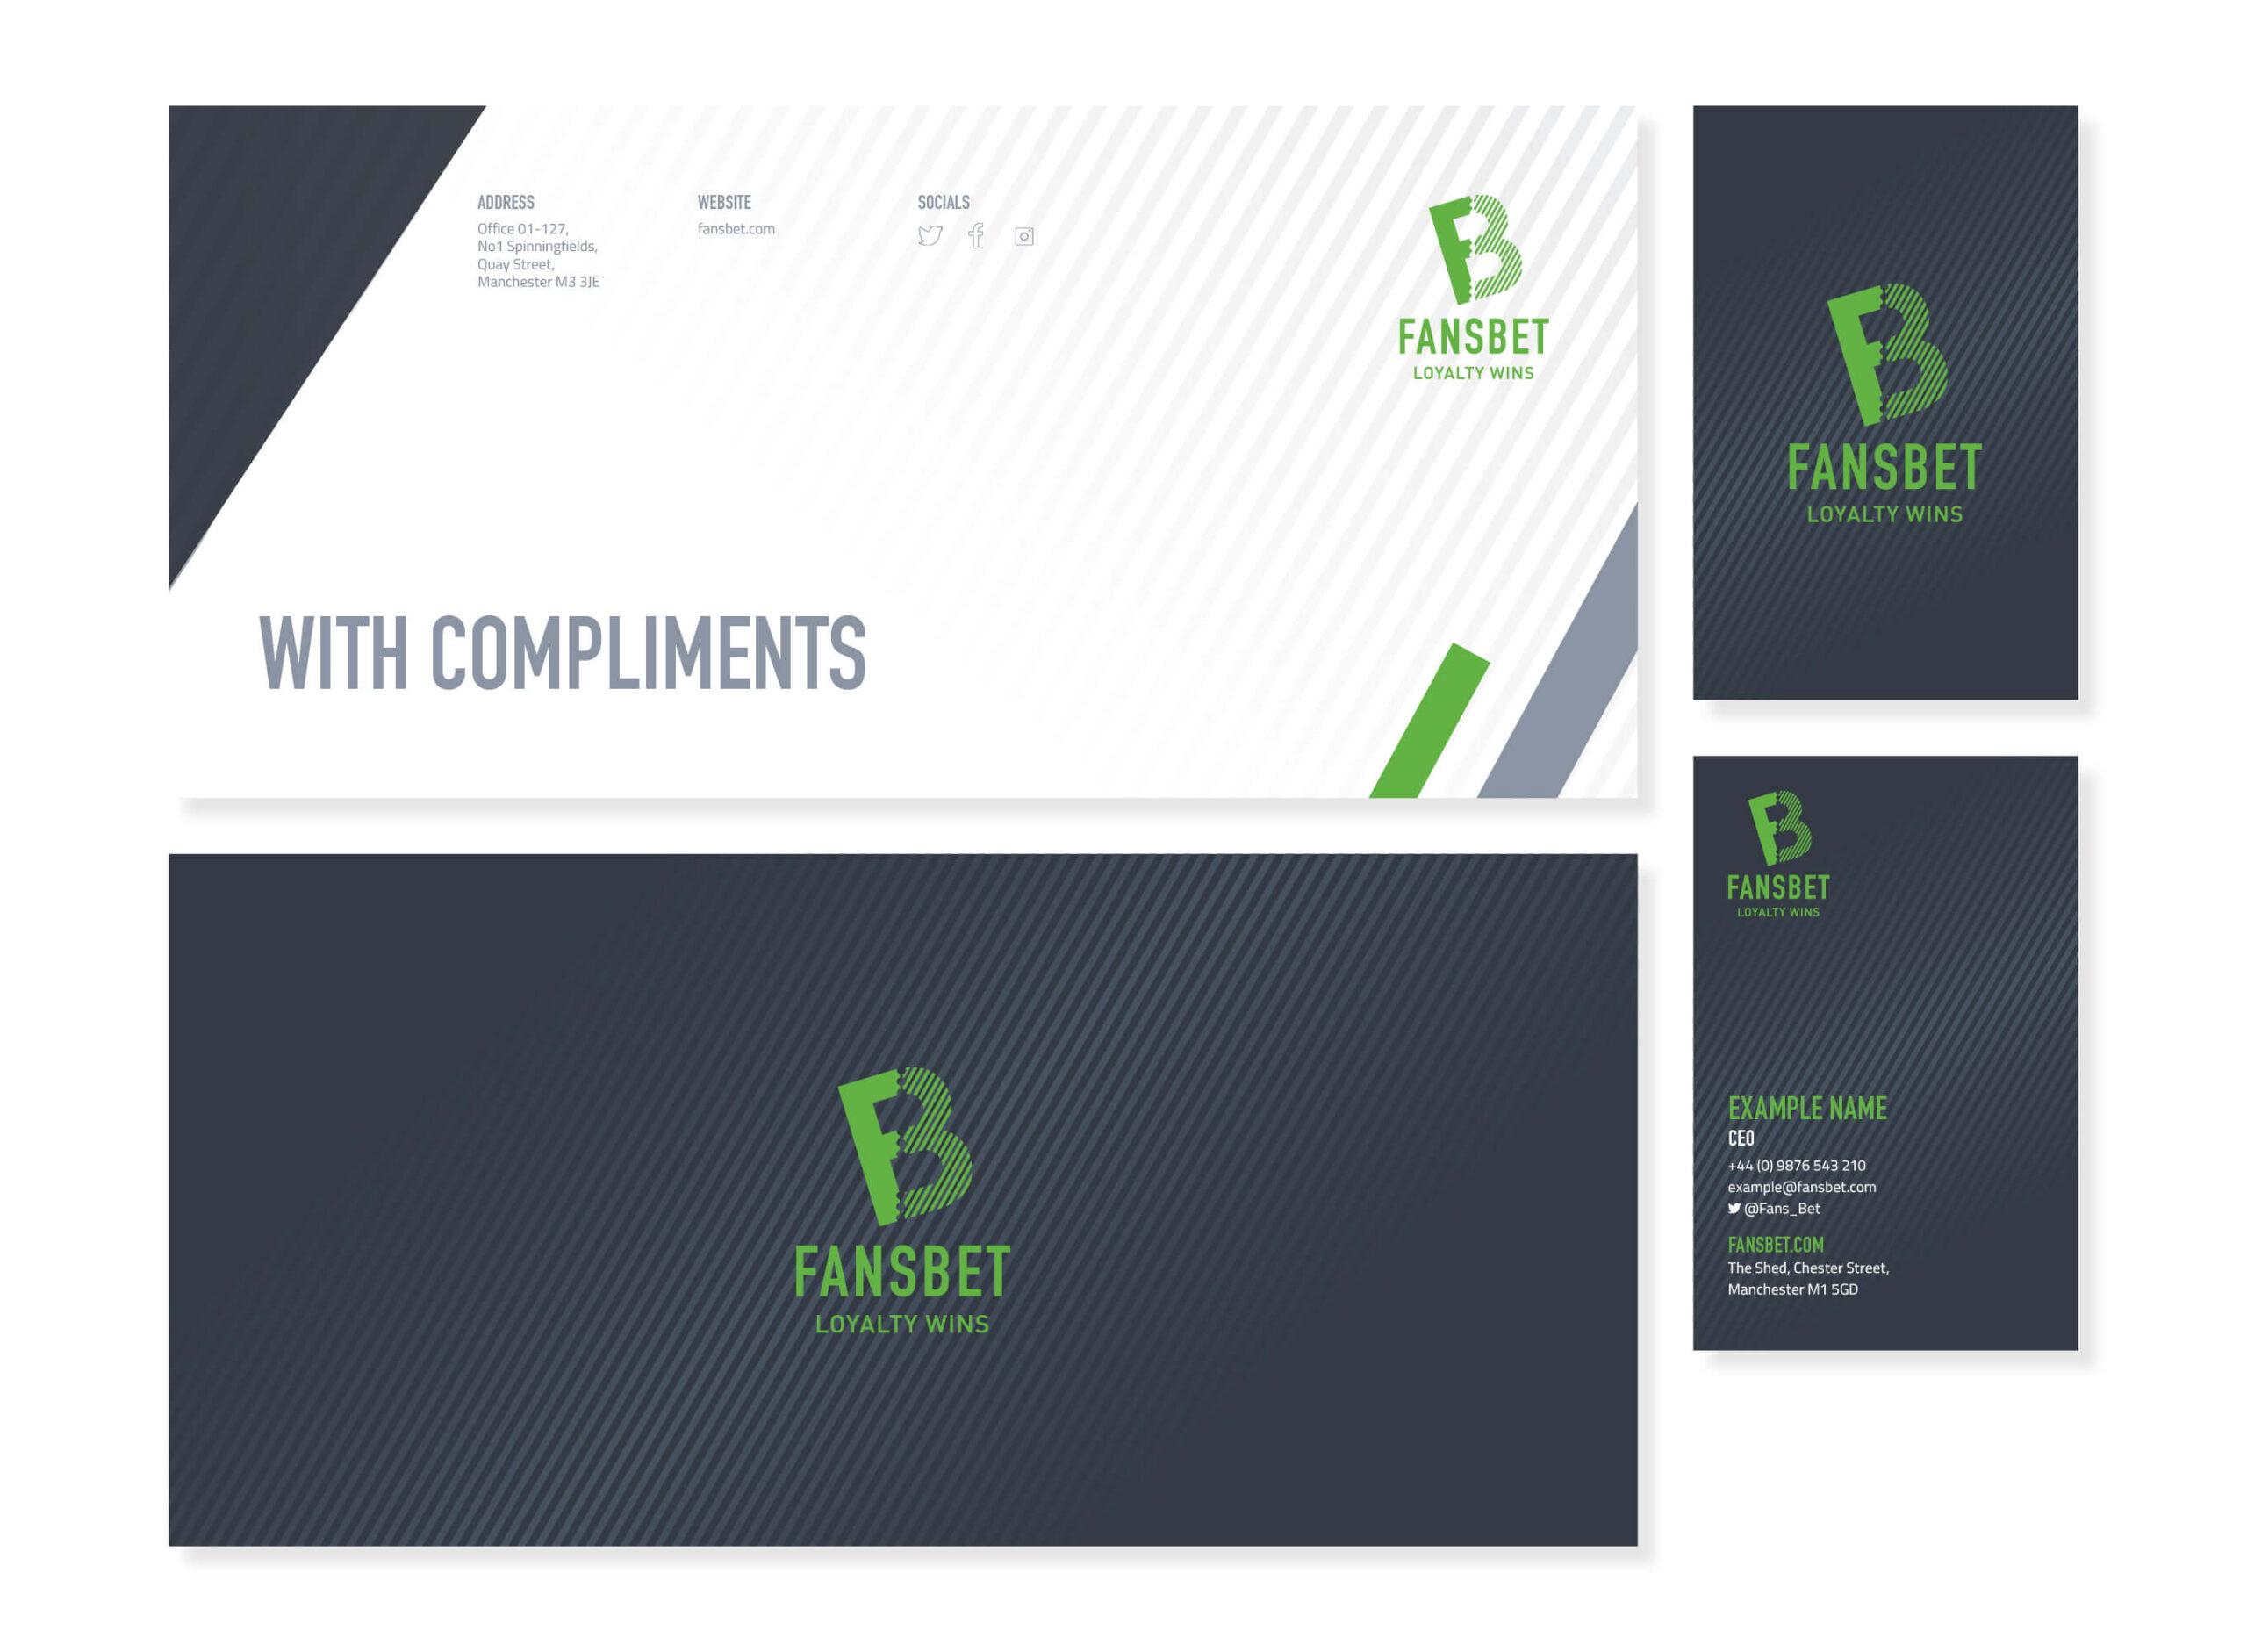 fansbet stationery design